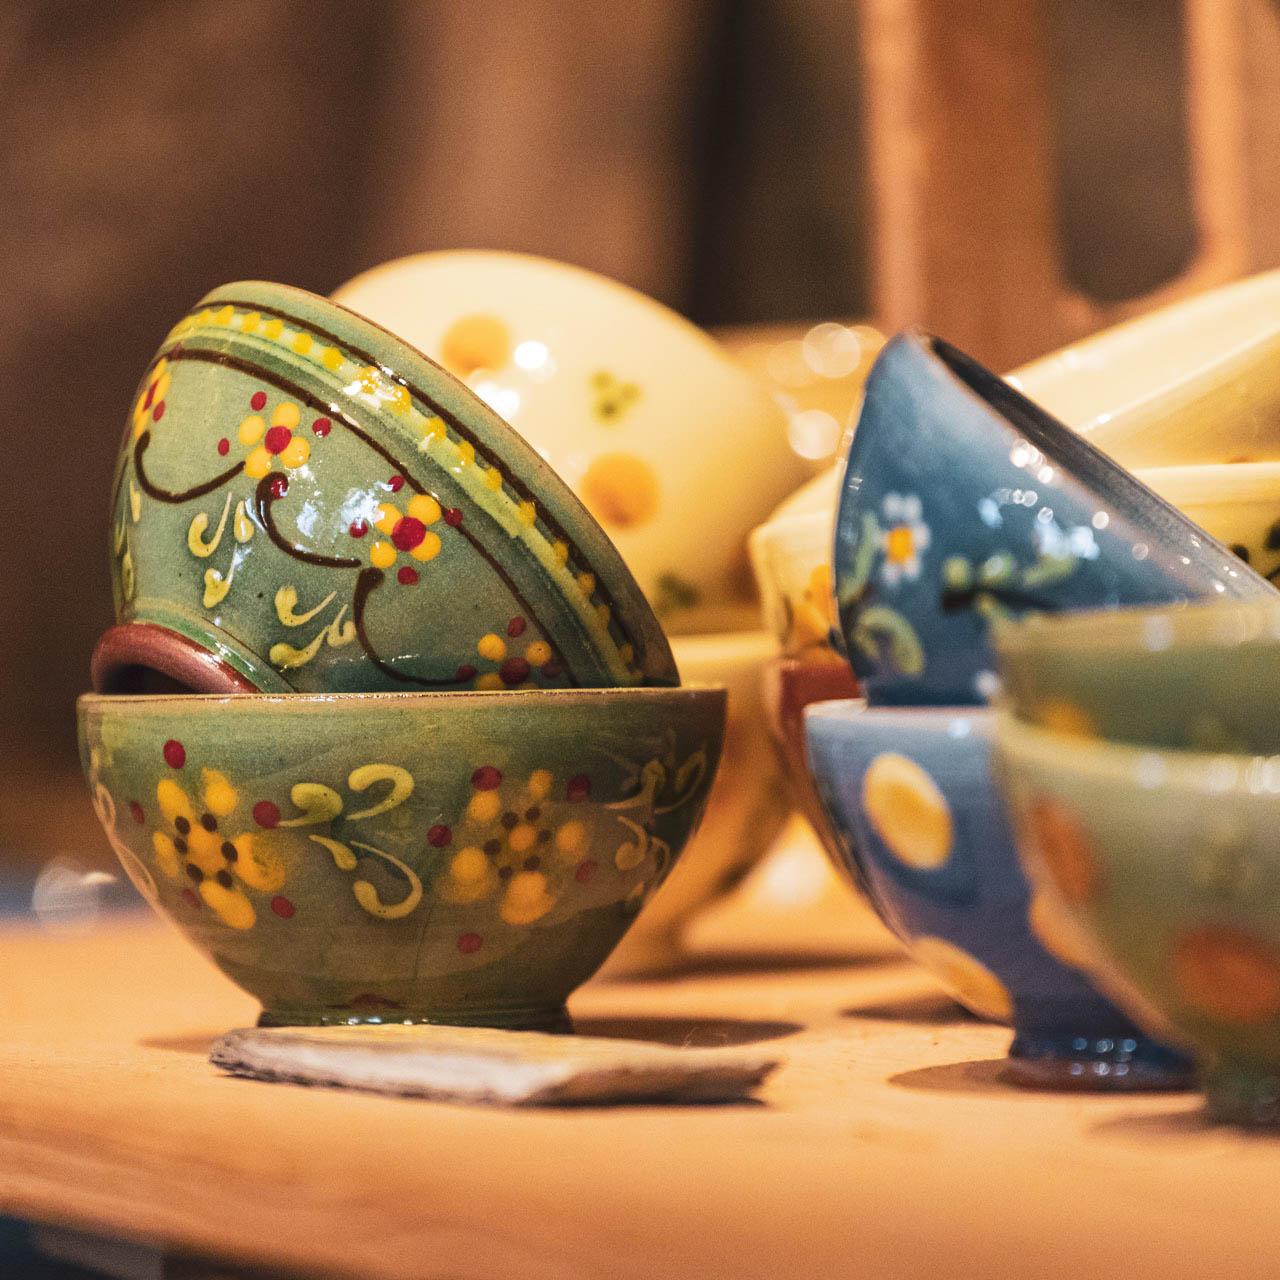 poterie-martin-4-c-cattin-alpcatmedias-le-grand-bornand-web-2-224014-224694